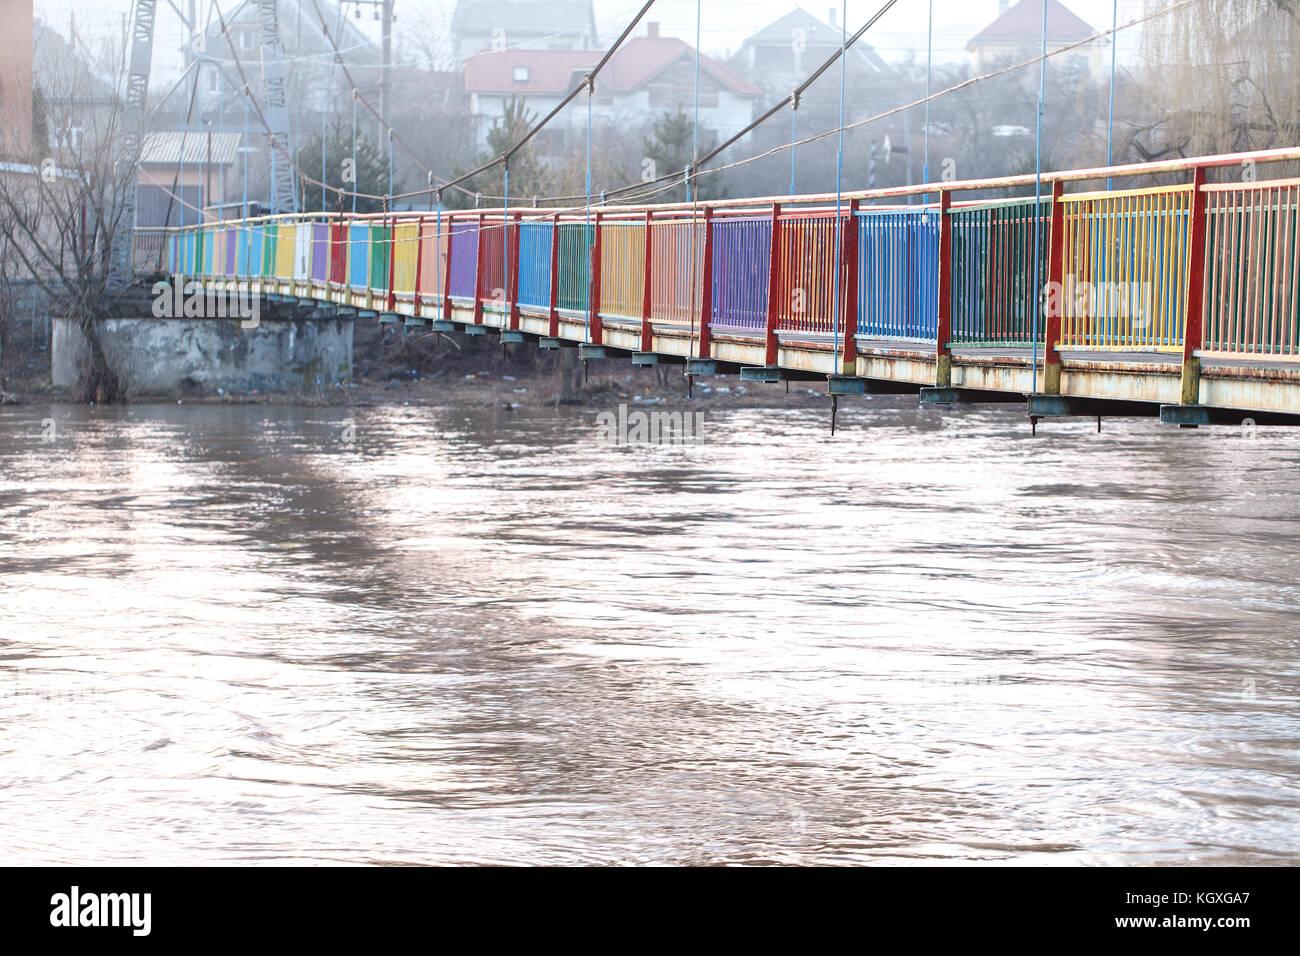 Ein voll Wasser Fluss nach starken Regenfällen und Überschwemmungen. starke Strömung, schmutziges Stockbild